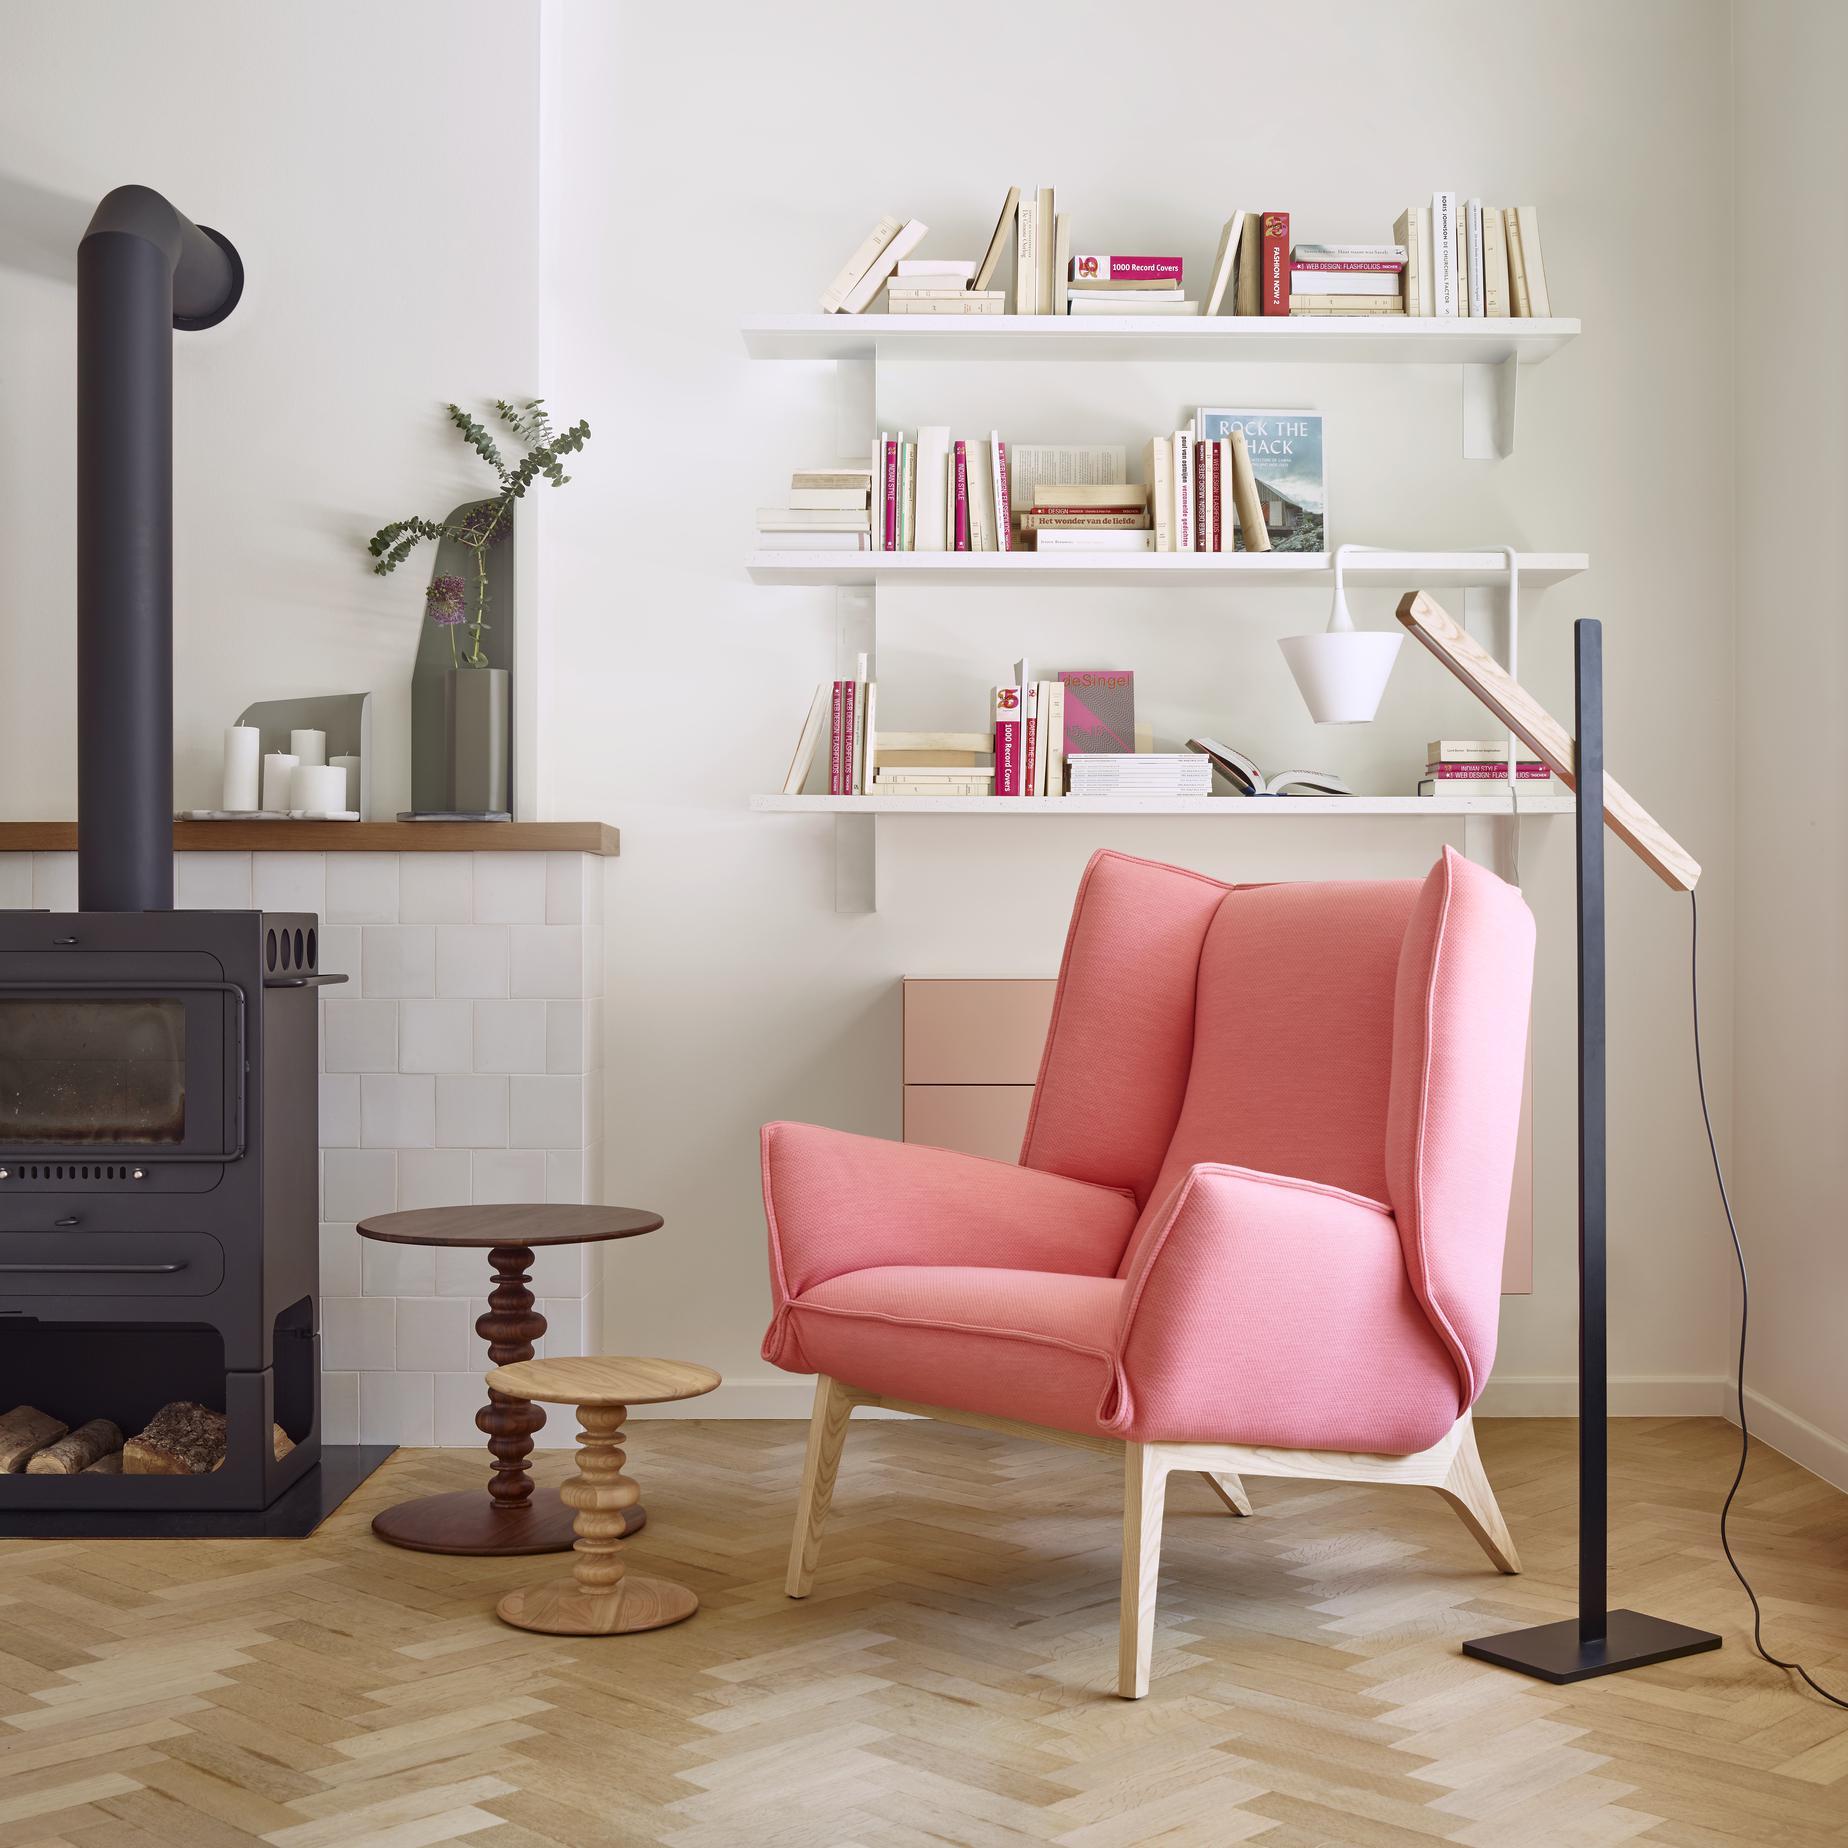 toa sessel designer r mi bouhaniche ligne roset. Black Bedroom Furniture Sets. Home Design Ideas